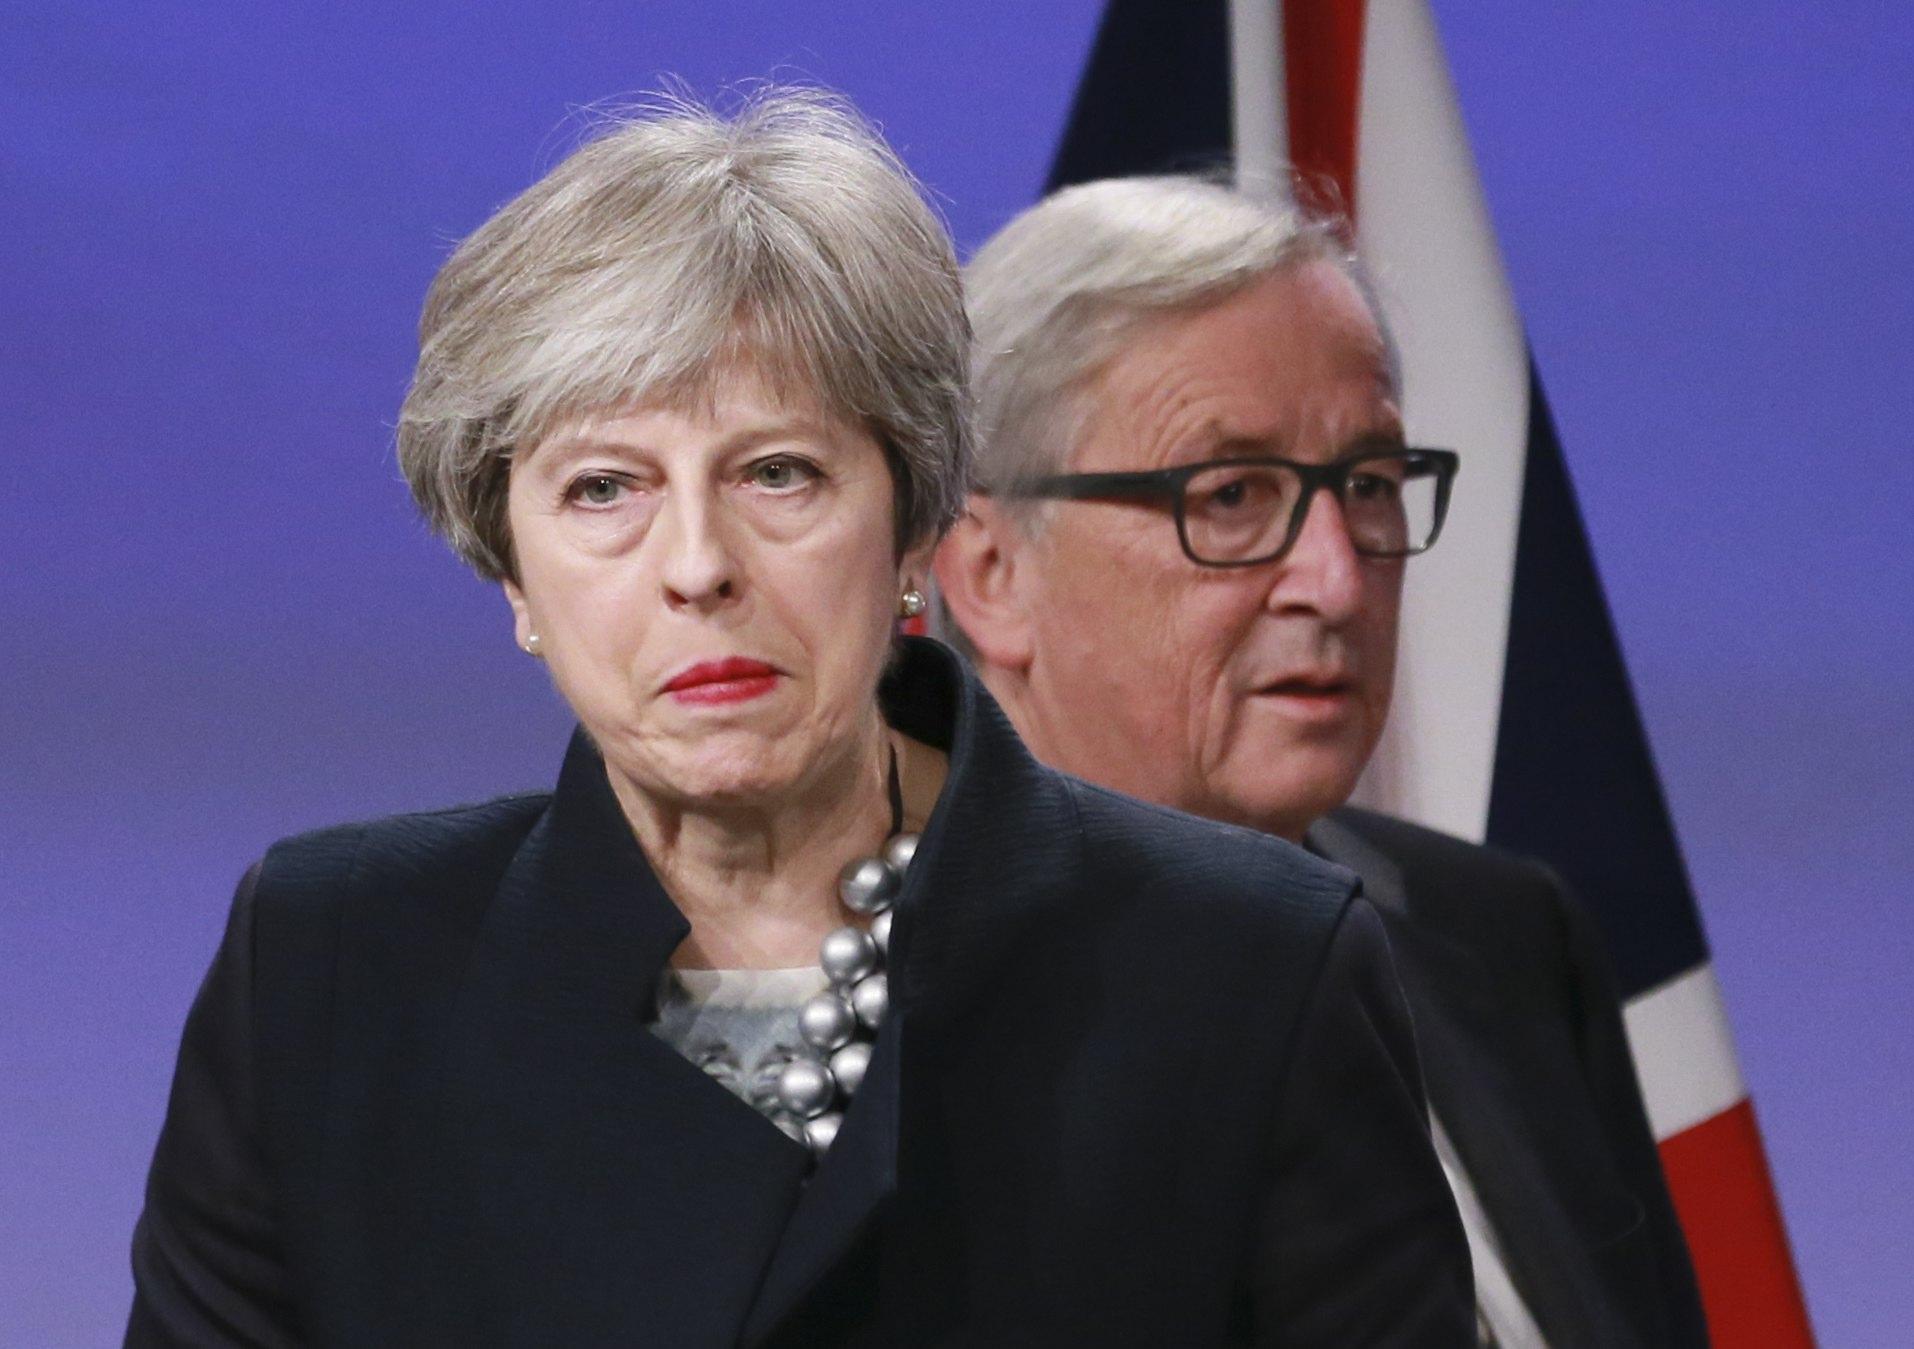 Juncker,incontro May domani o dopodomani